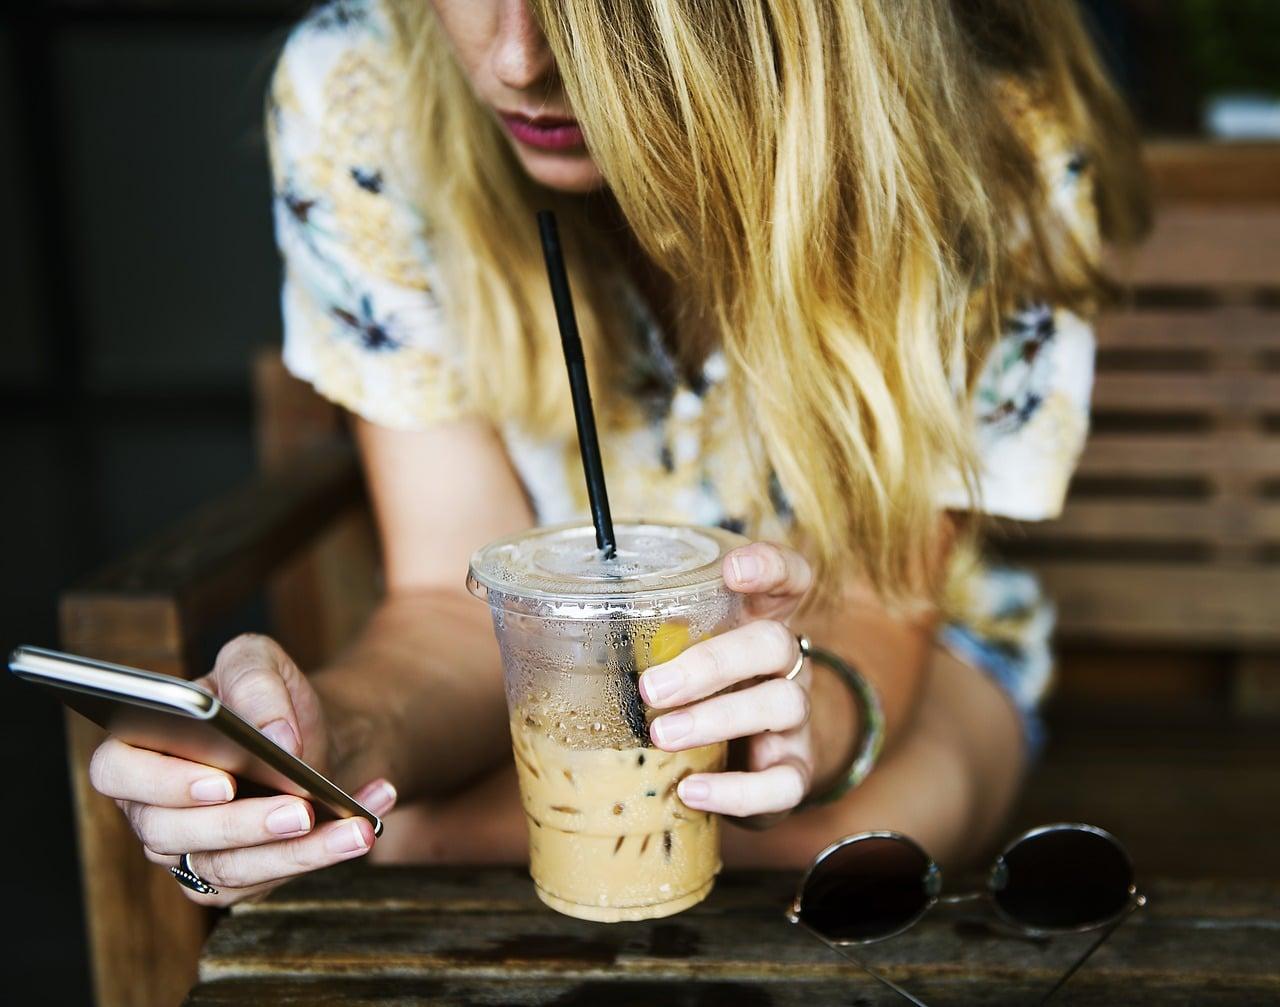 社会人におすすめのマッチングアプリ